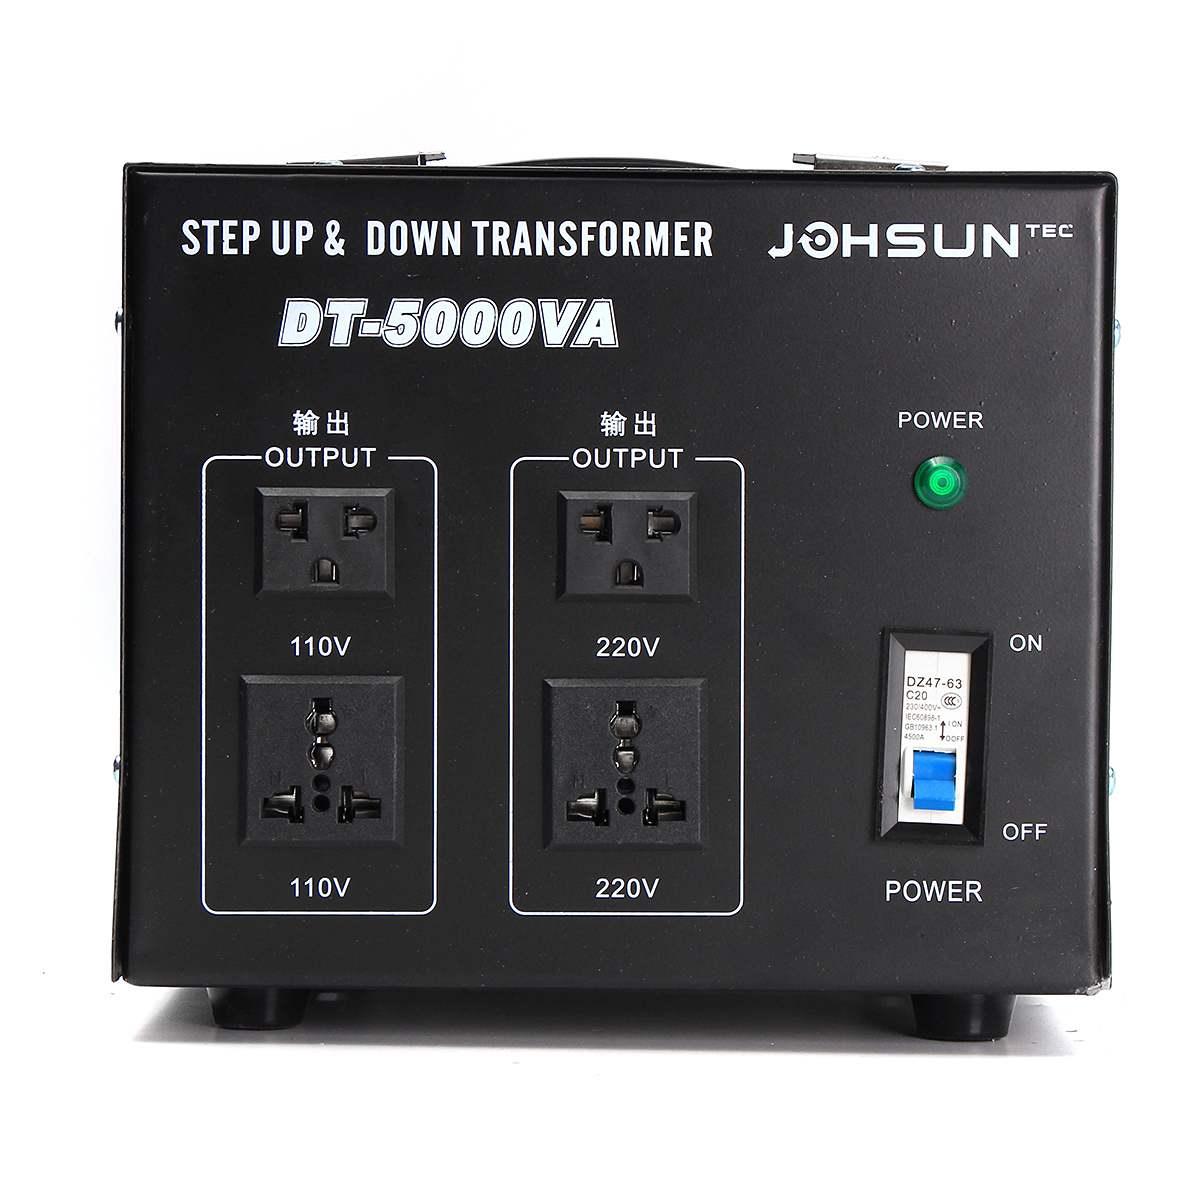 500/1000/2000/3000/5000 W convertisseur de tension lourde transformateur de puissance 220 V auf 110 V convertisseur - 3